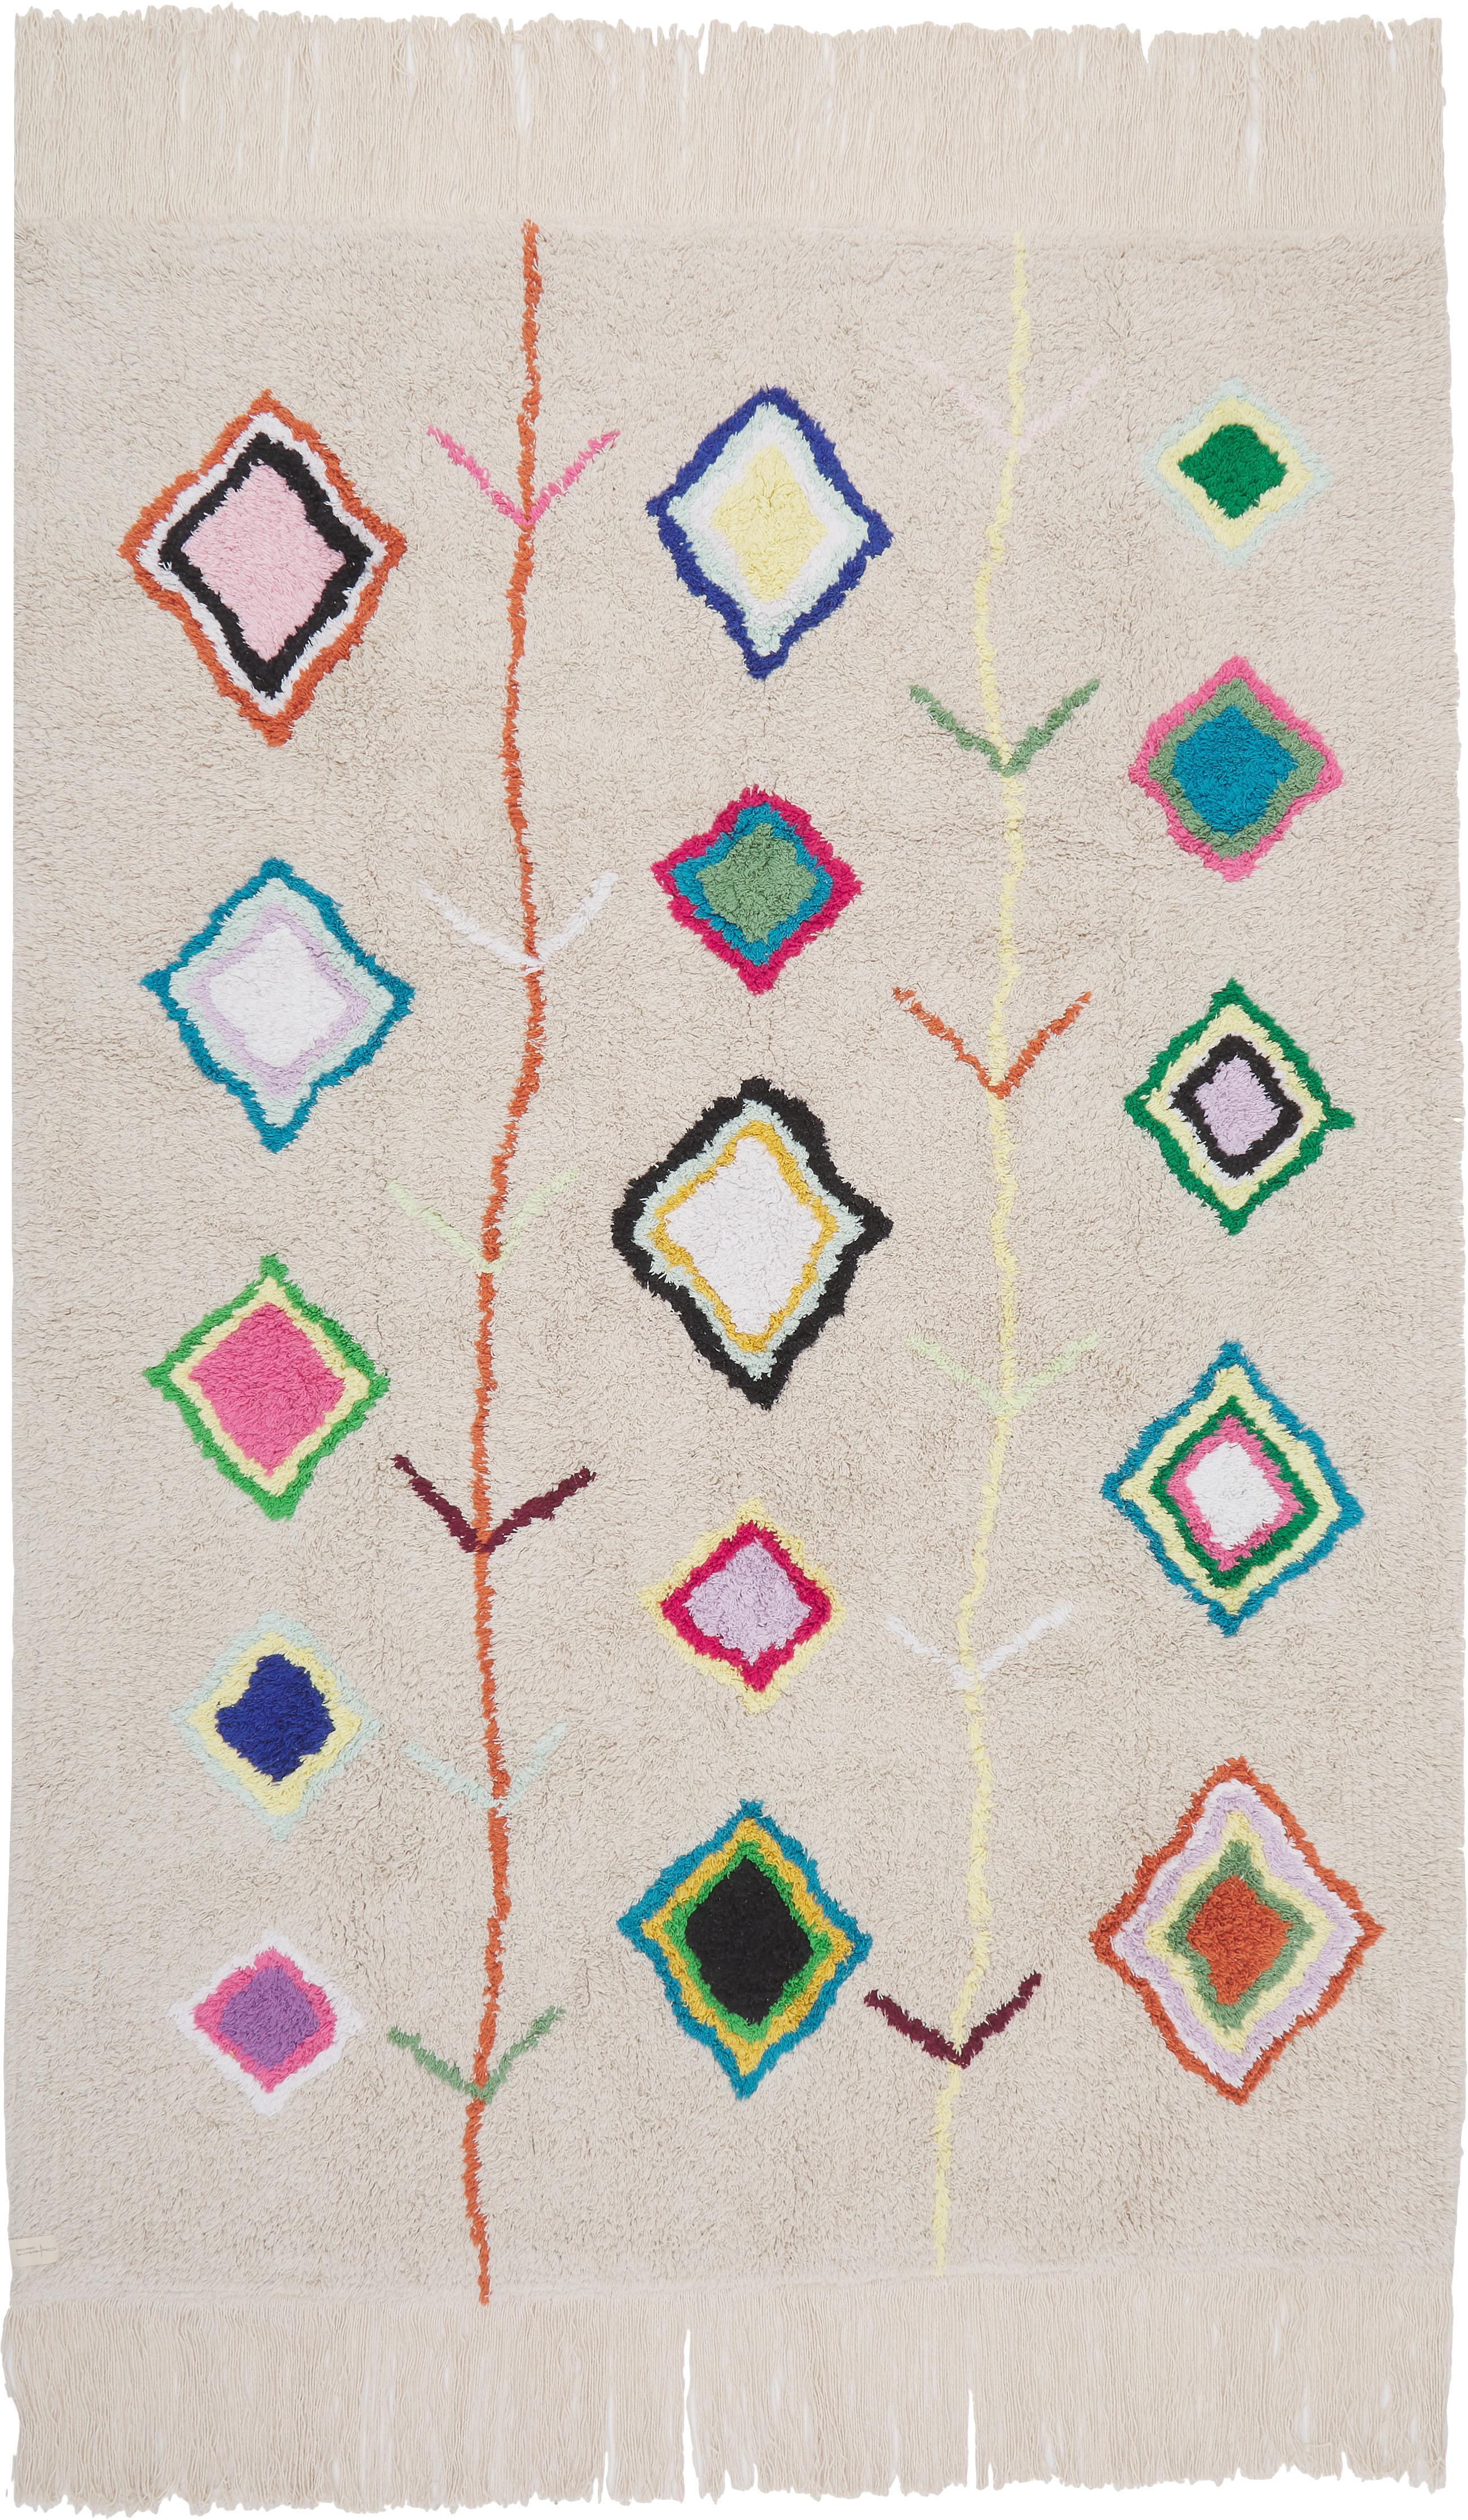 Alfombra artesanal Kaarol, Parte superior: 97%algodón reciclado, 3%, Reverso: algodón reciclado, Multicolor, An 140 x L 200  cm(Tamaño S)